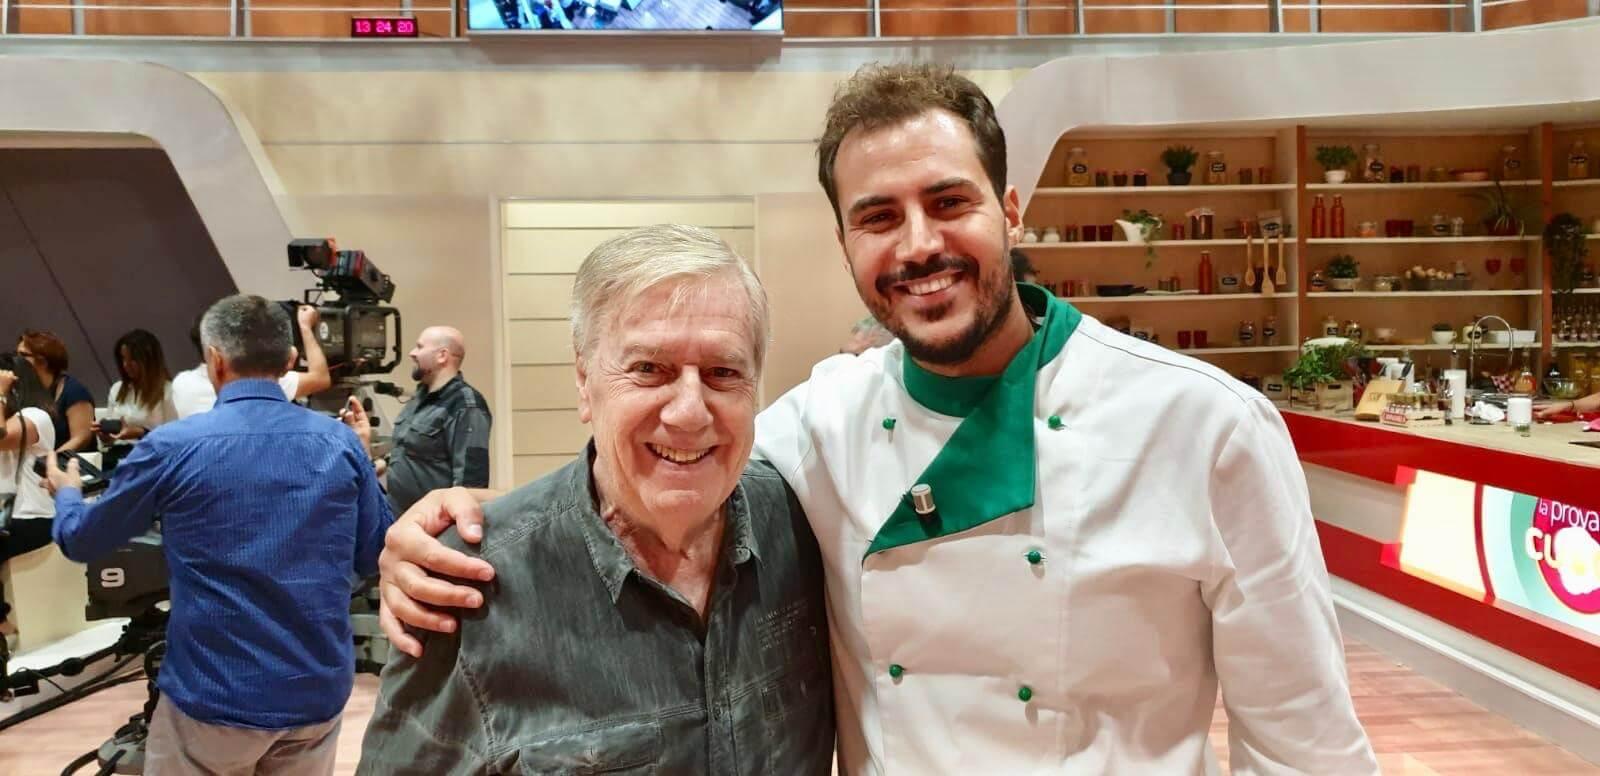 Joseph Micieli La Prova del cuoco